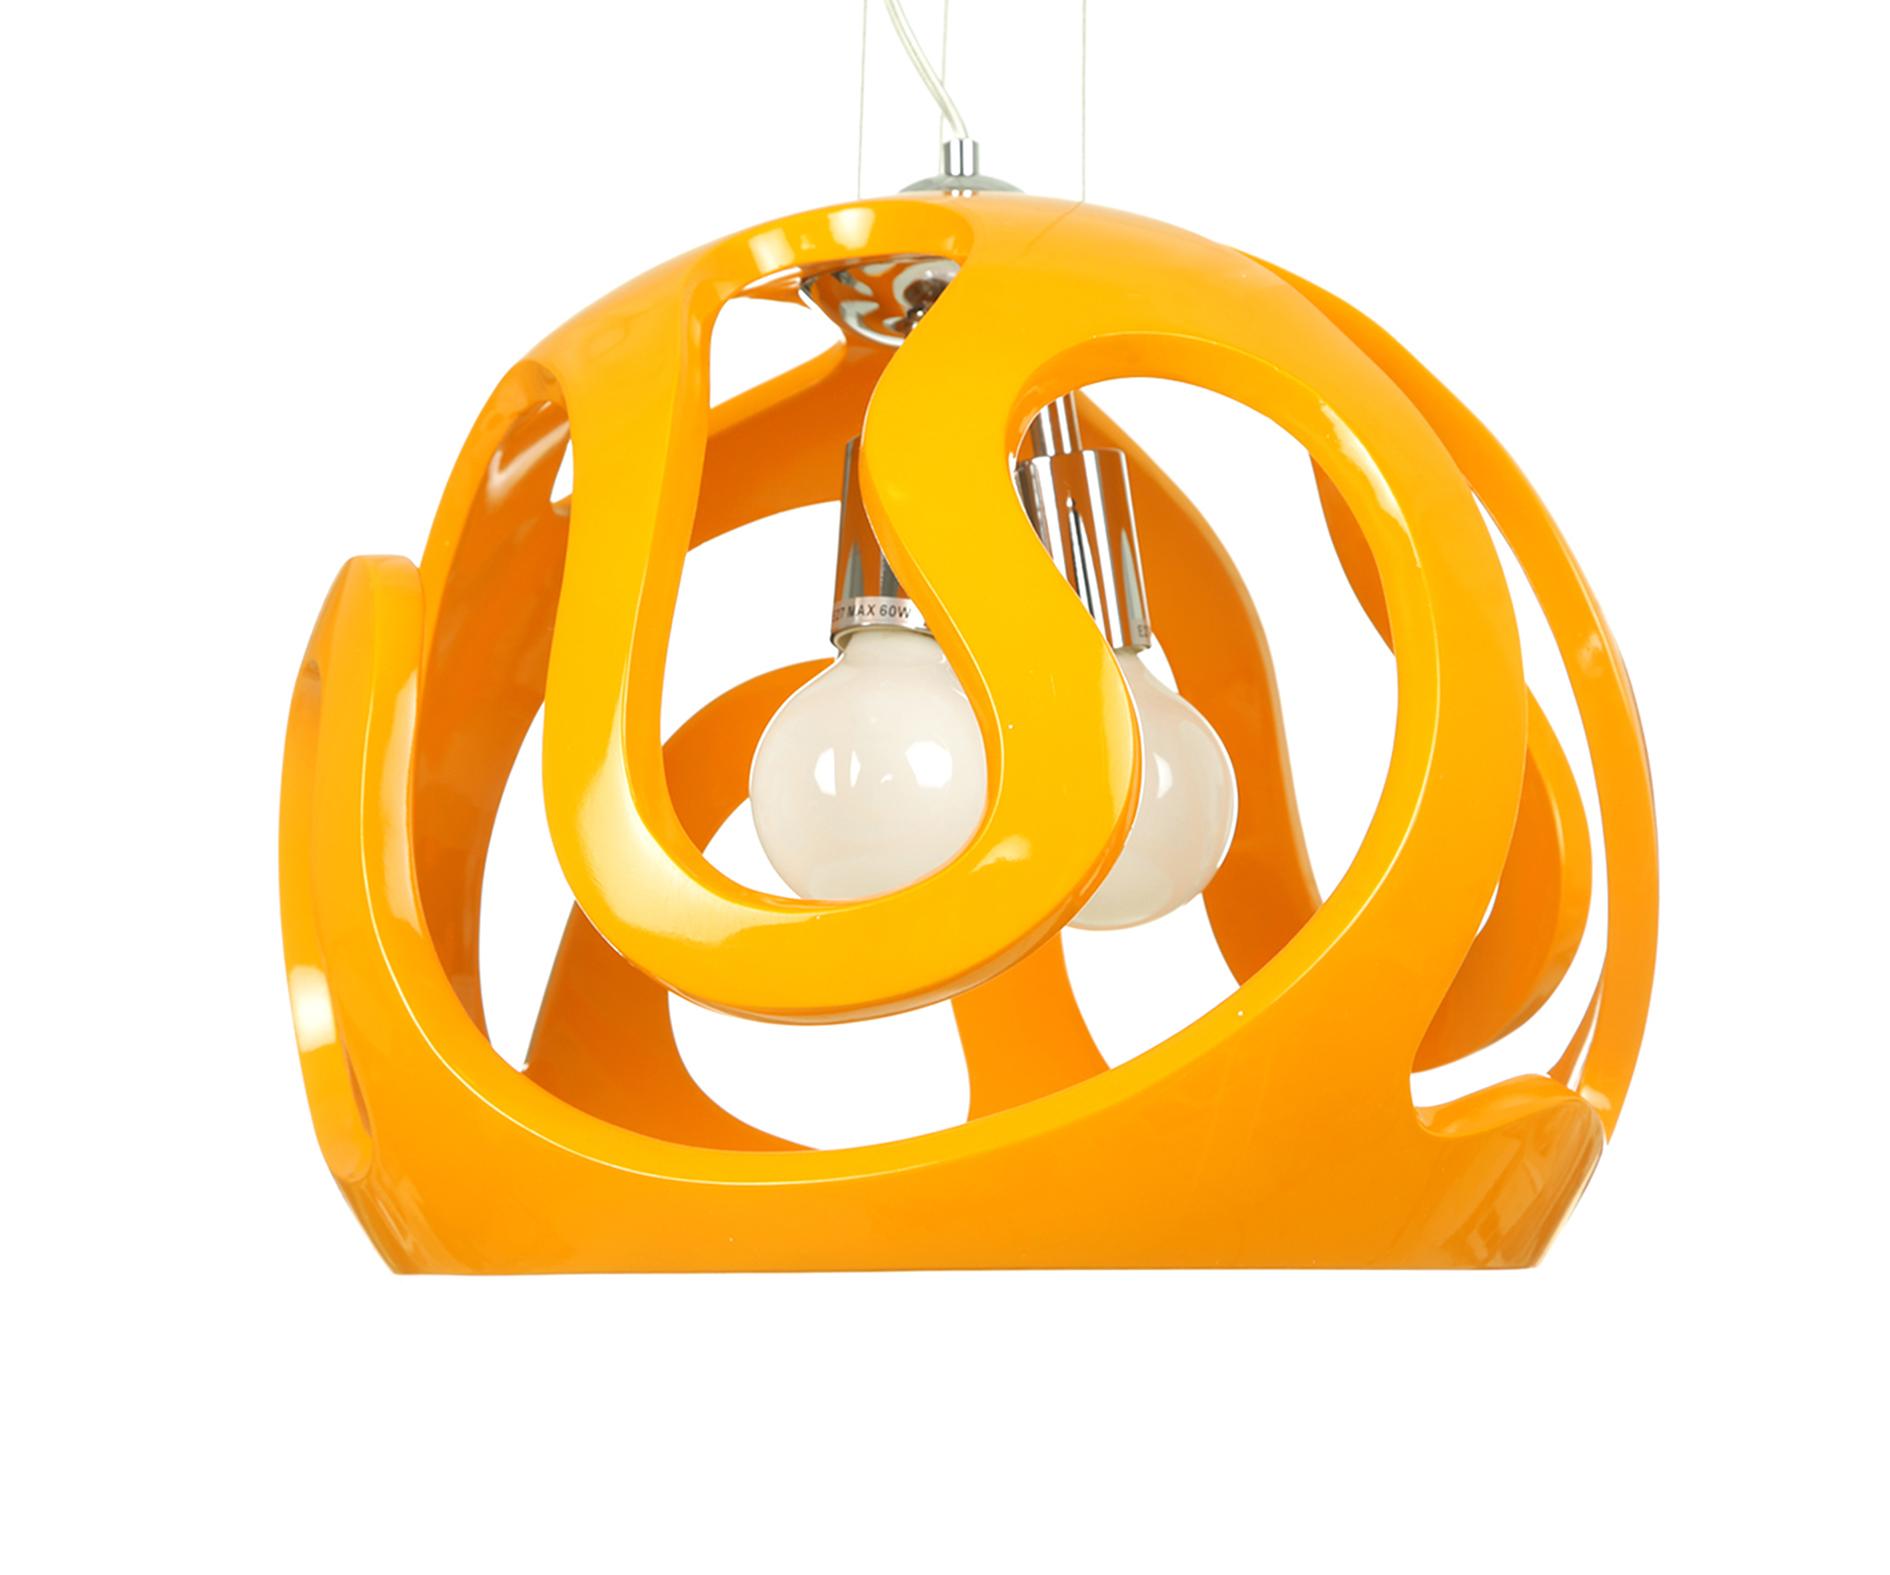 Подвесной светильник Маска, оранжевыйПотолочные светильники<br><br><br>Бренд: Ozcan<br>Цвет: Желтый, Оранжевый<br>Размеры: 40 x 40 x 100 cm<br>Материал: Пластик<br>Дополнительные материалы: акрил<br>Диаметр: 40<br>Дополнительная информация: для кухни<br>Тип ламп: Накаливания<br>Мощность и вид ламп: Е27 3*60w<br>Цвет стекла: Оранжевый<br>Цвет покрытия: Оранжевый